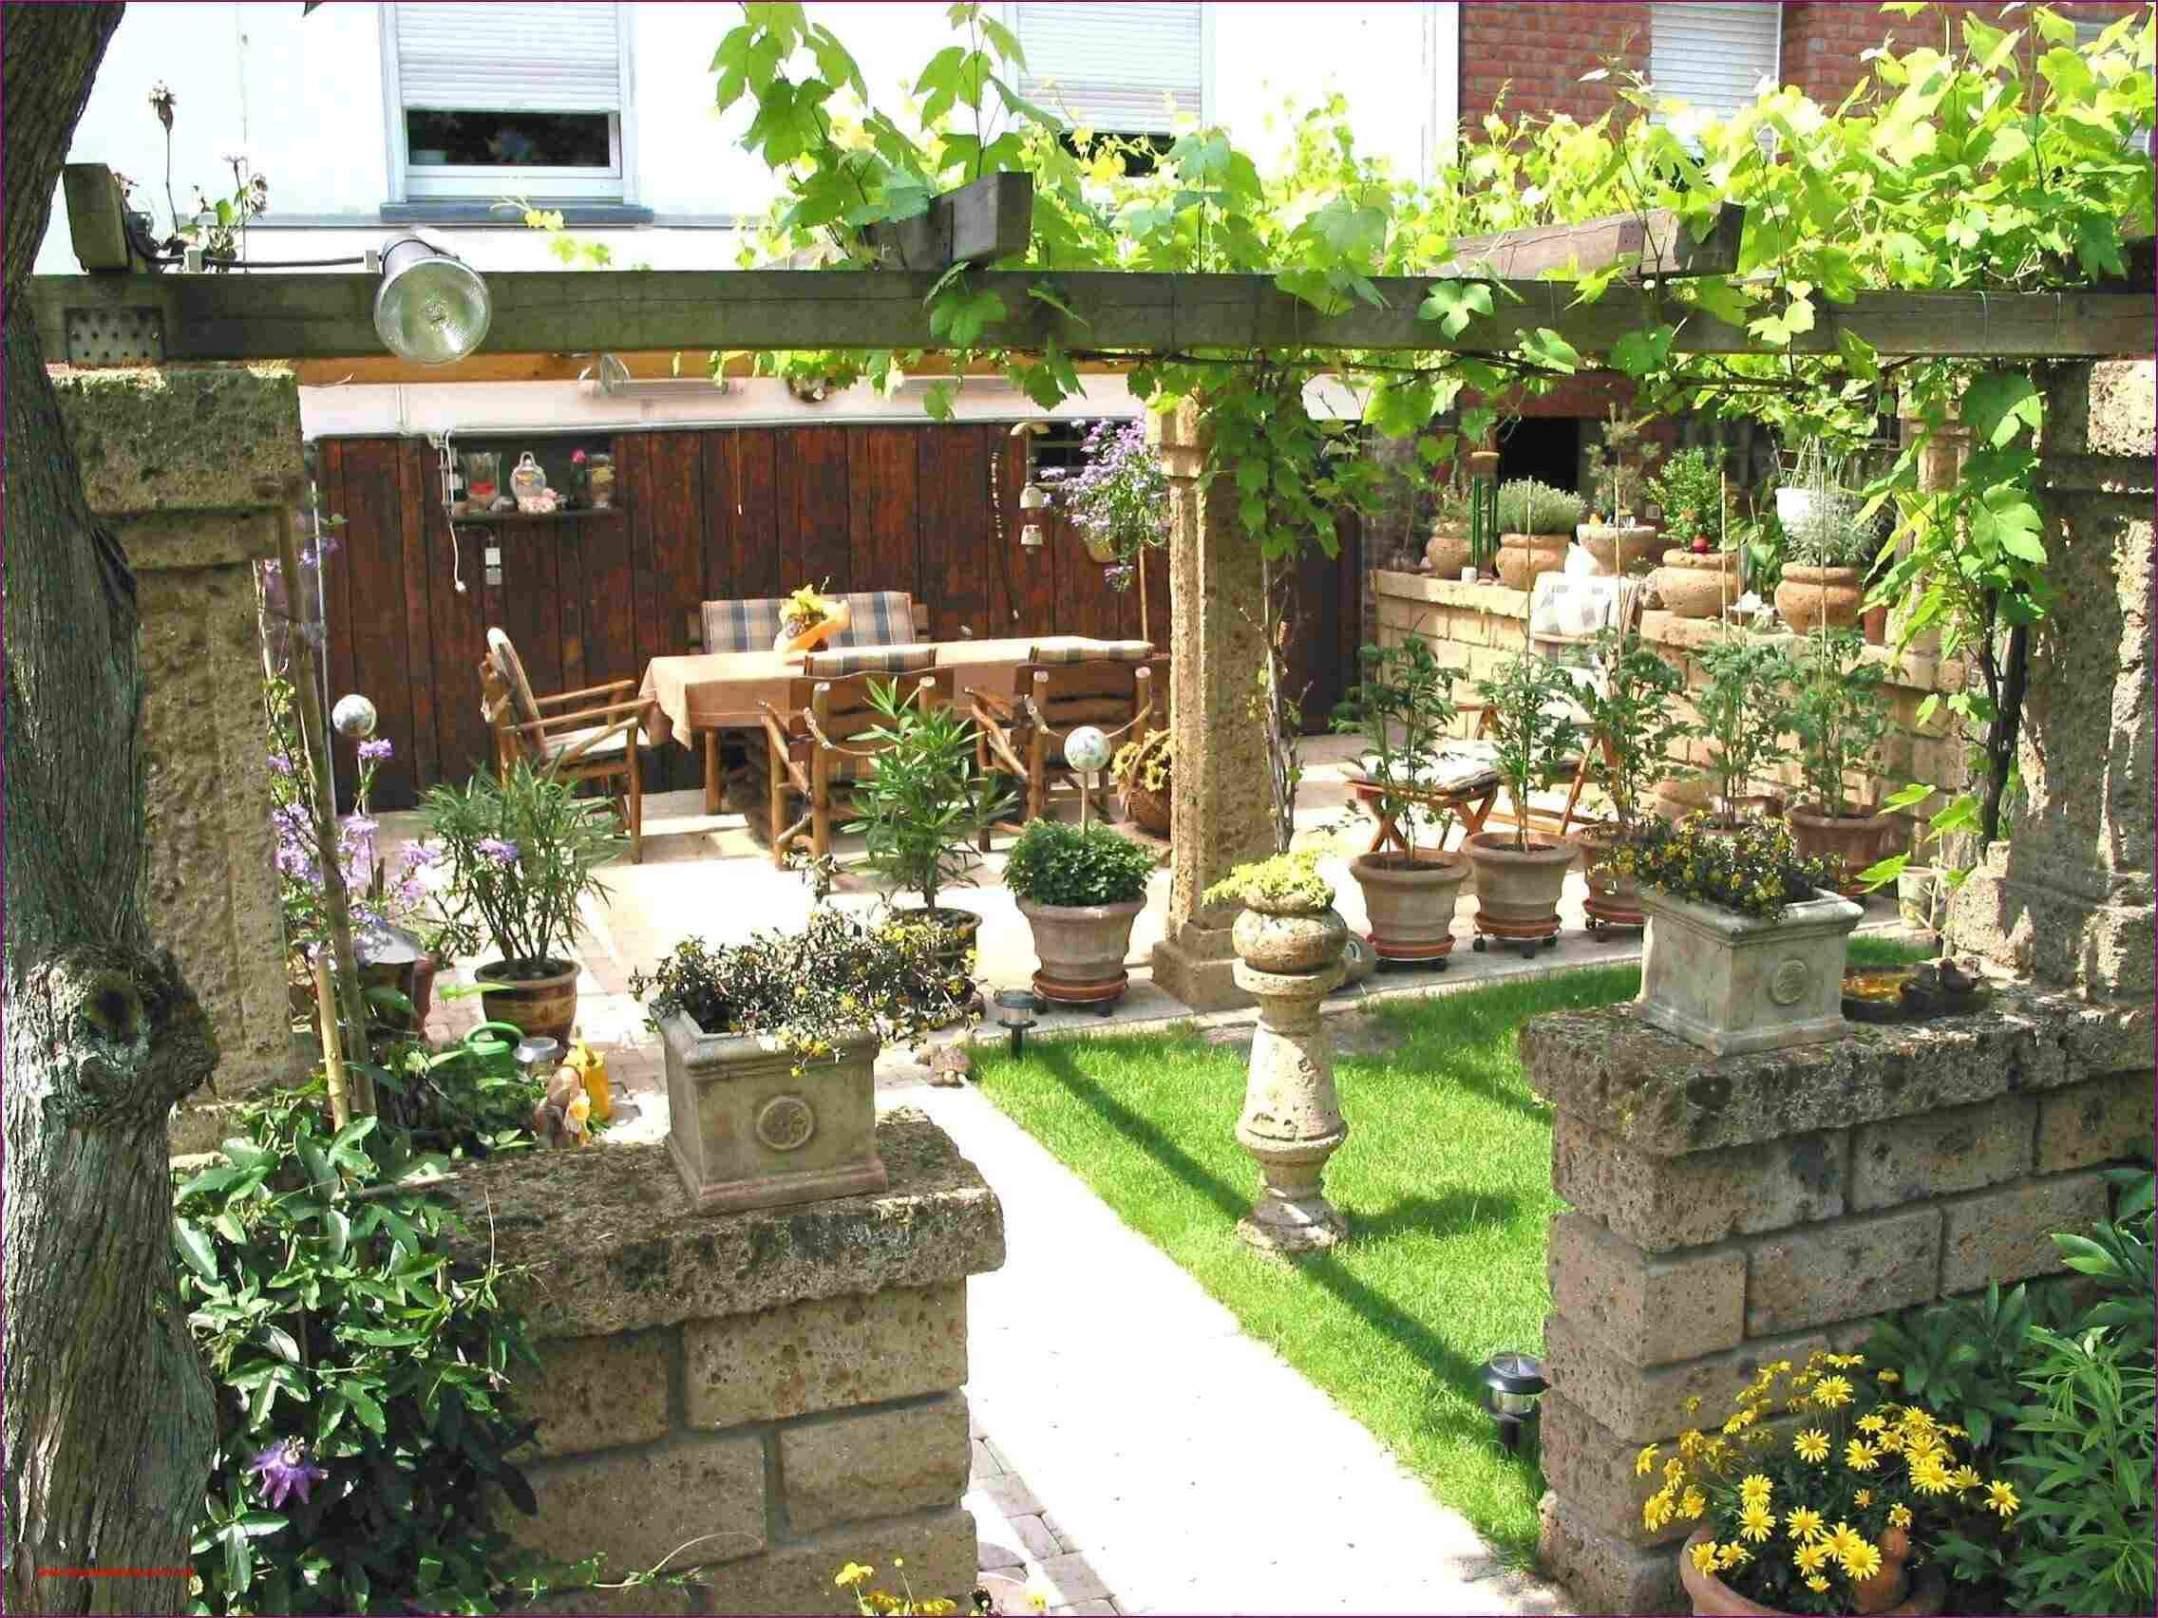 Pflanzen Für Den Garten Einzigartig Hohe Pflanzen Als Sichtschutz — Temobardz Home Blog